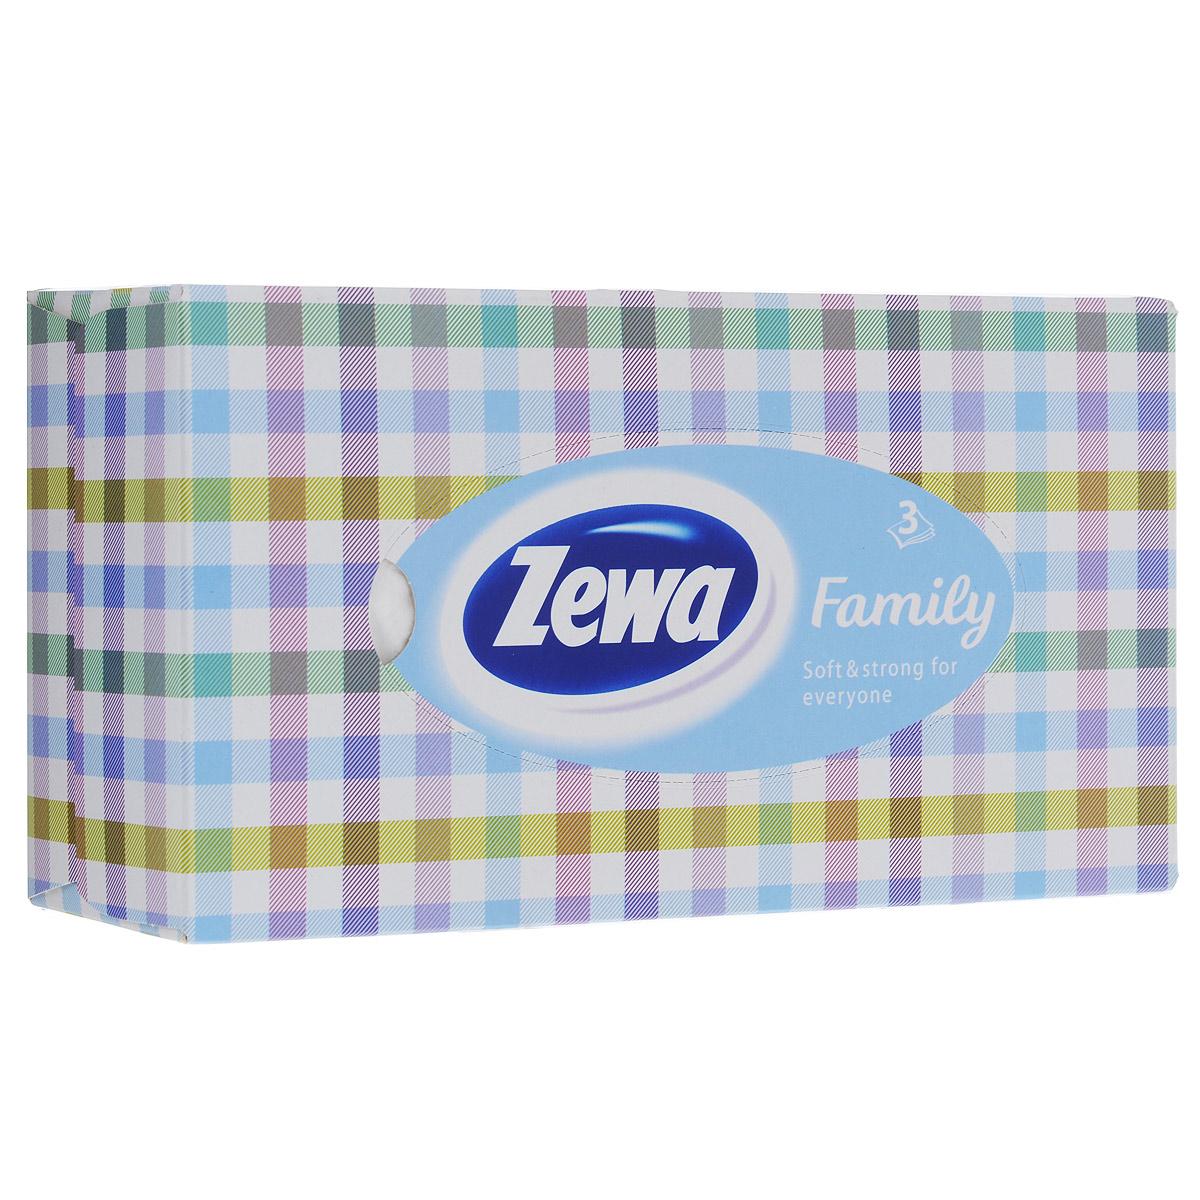 Платки в коробке Zewa Софт и Стронг, цвет: белый, разноцветный, 90 шт носовые платки zewa delux 60 шт